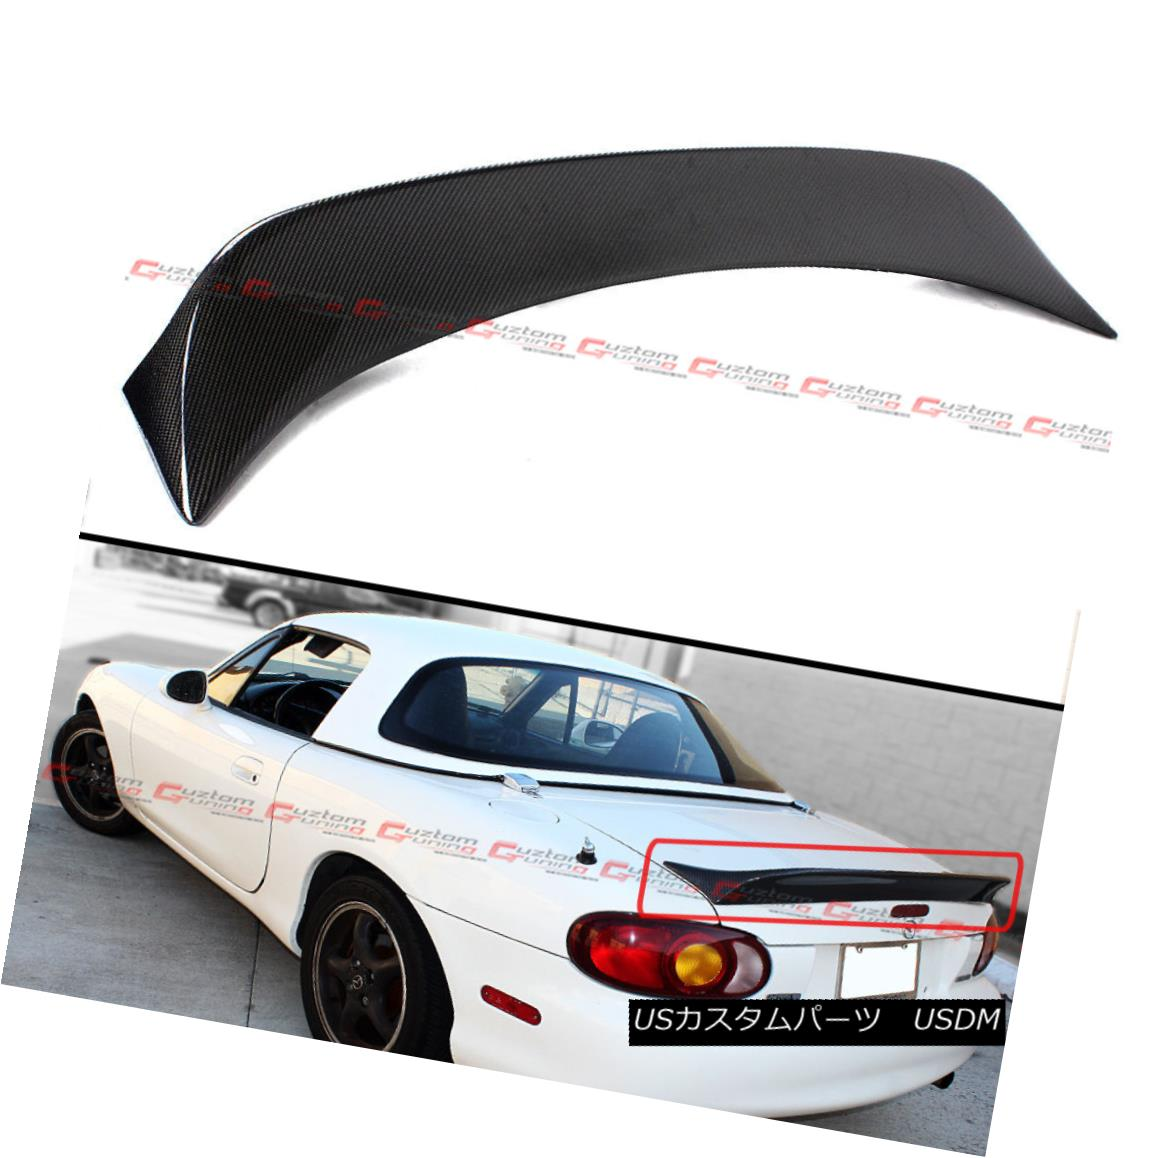 エアロパーツ For 99-05 Mazda Miata NB 2nd Gen JDM Carbon Fiber High Kick Trunk Spoiler Wing 99-05のためにマツダMiata NB第2世代JDM炭素繊維ハイキックトランクスポイラーウィング